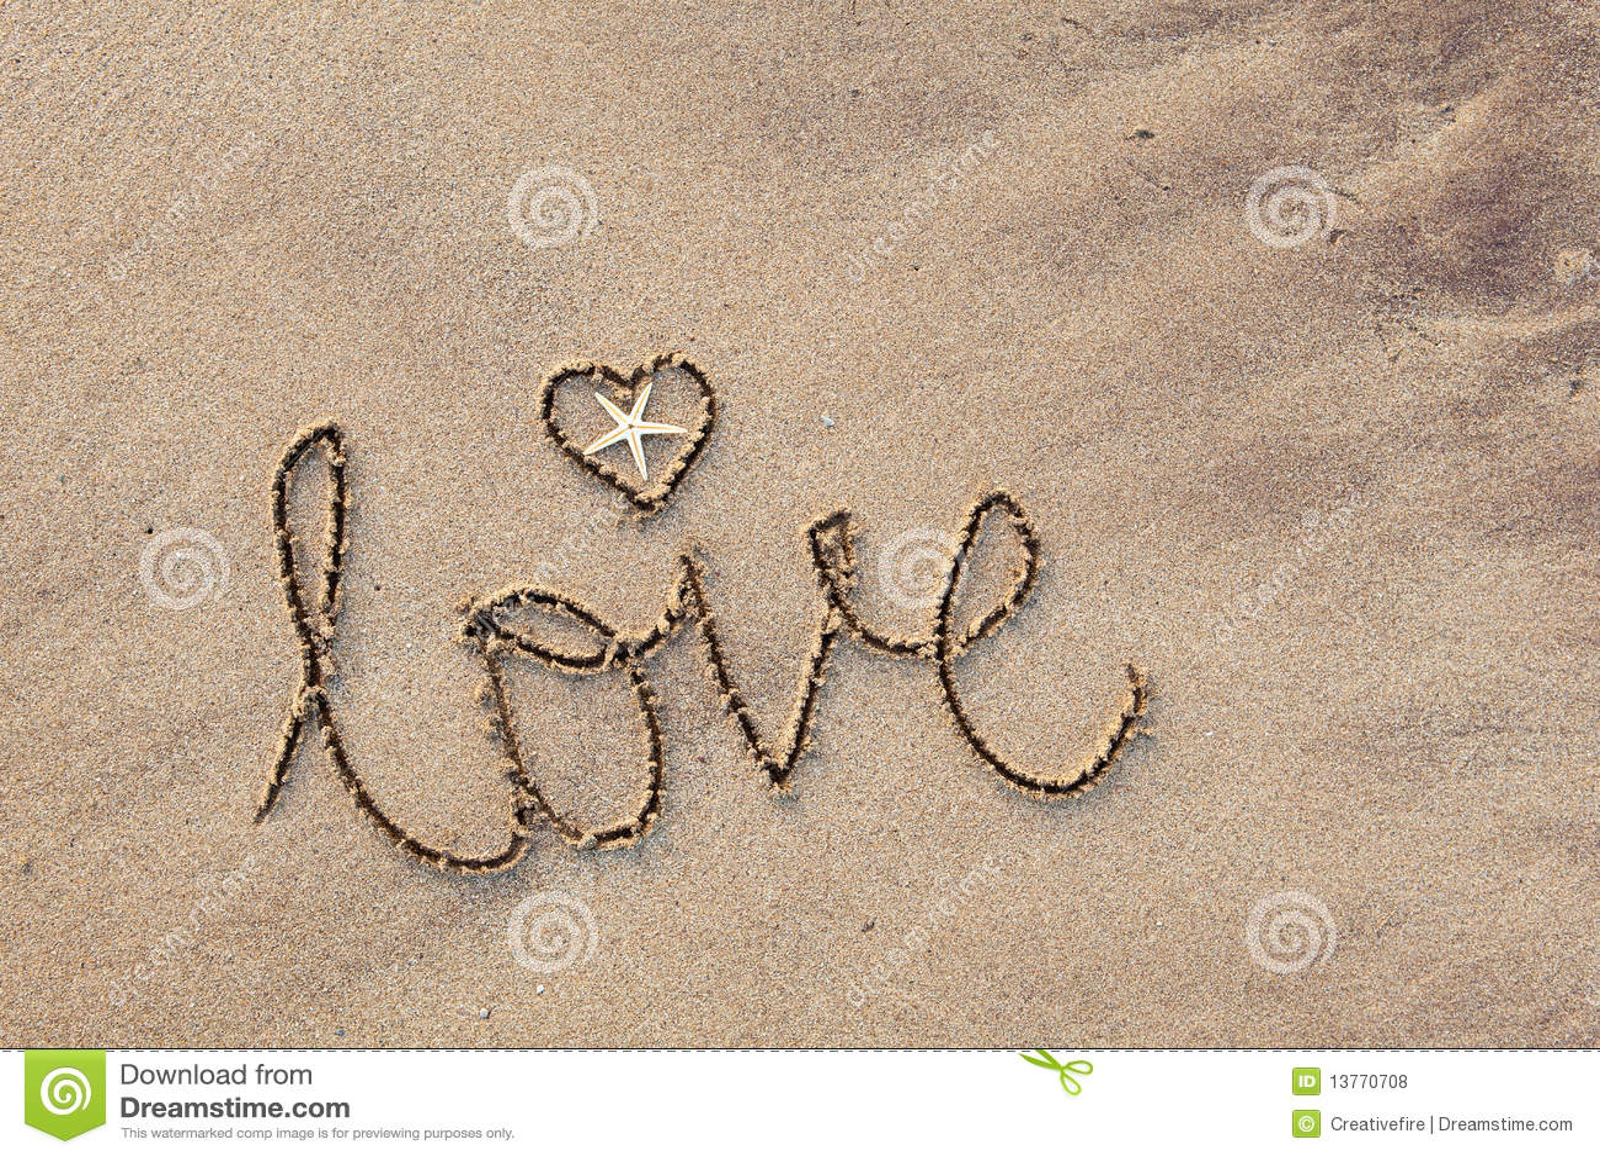 Amor escrito en arena